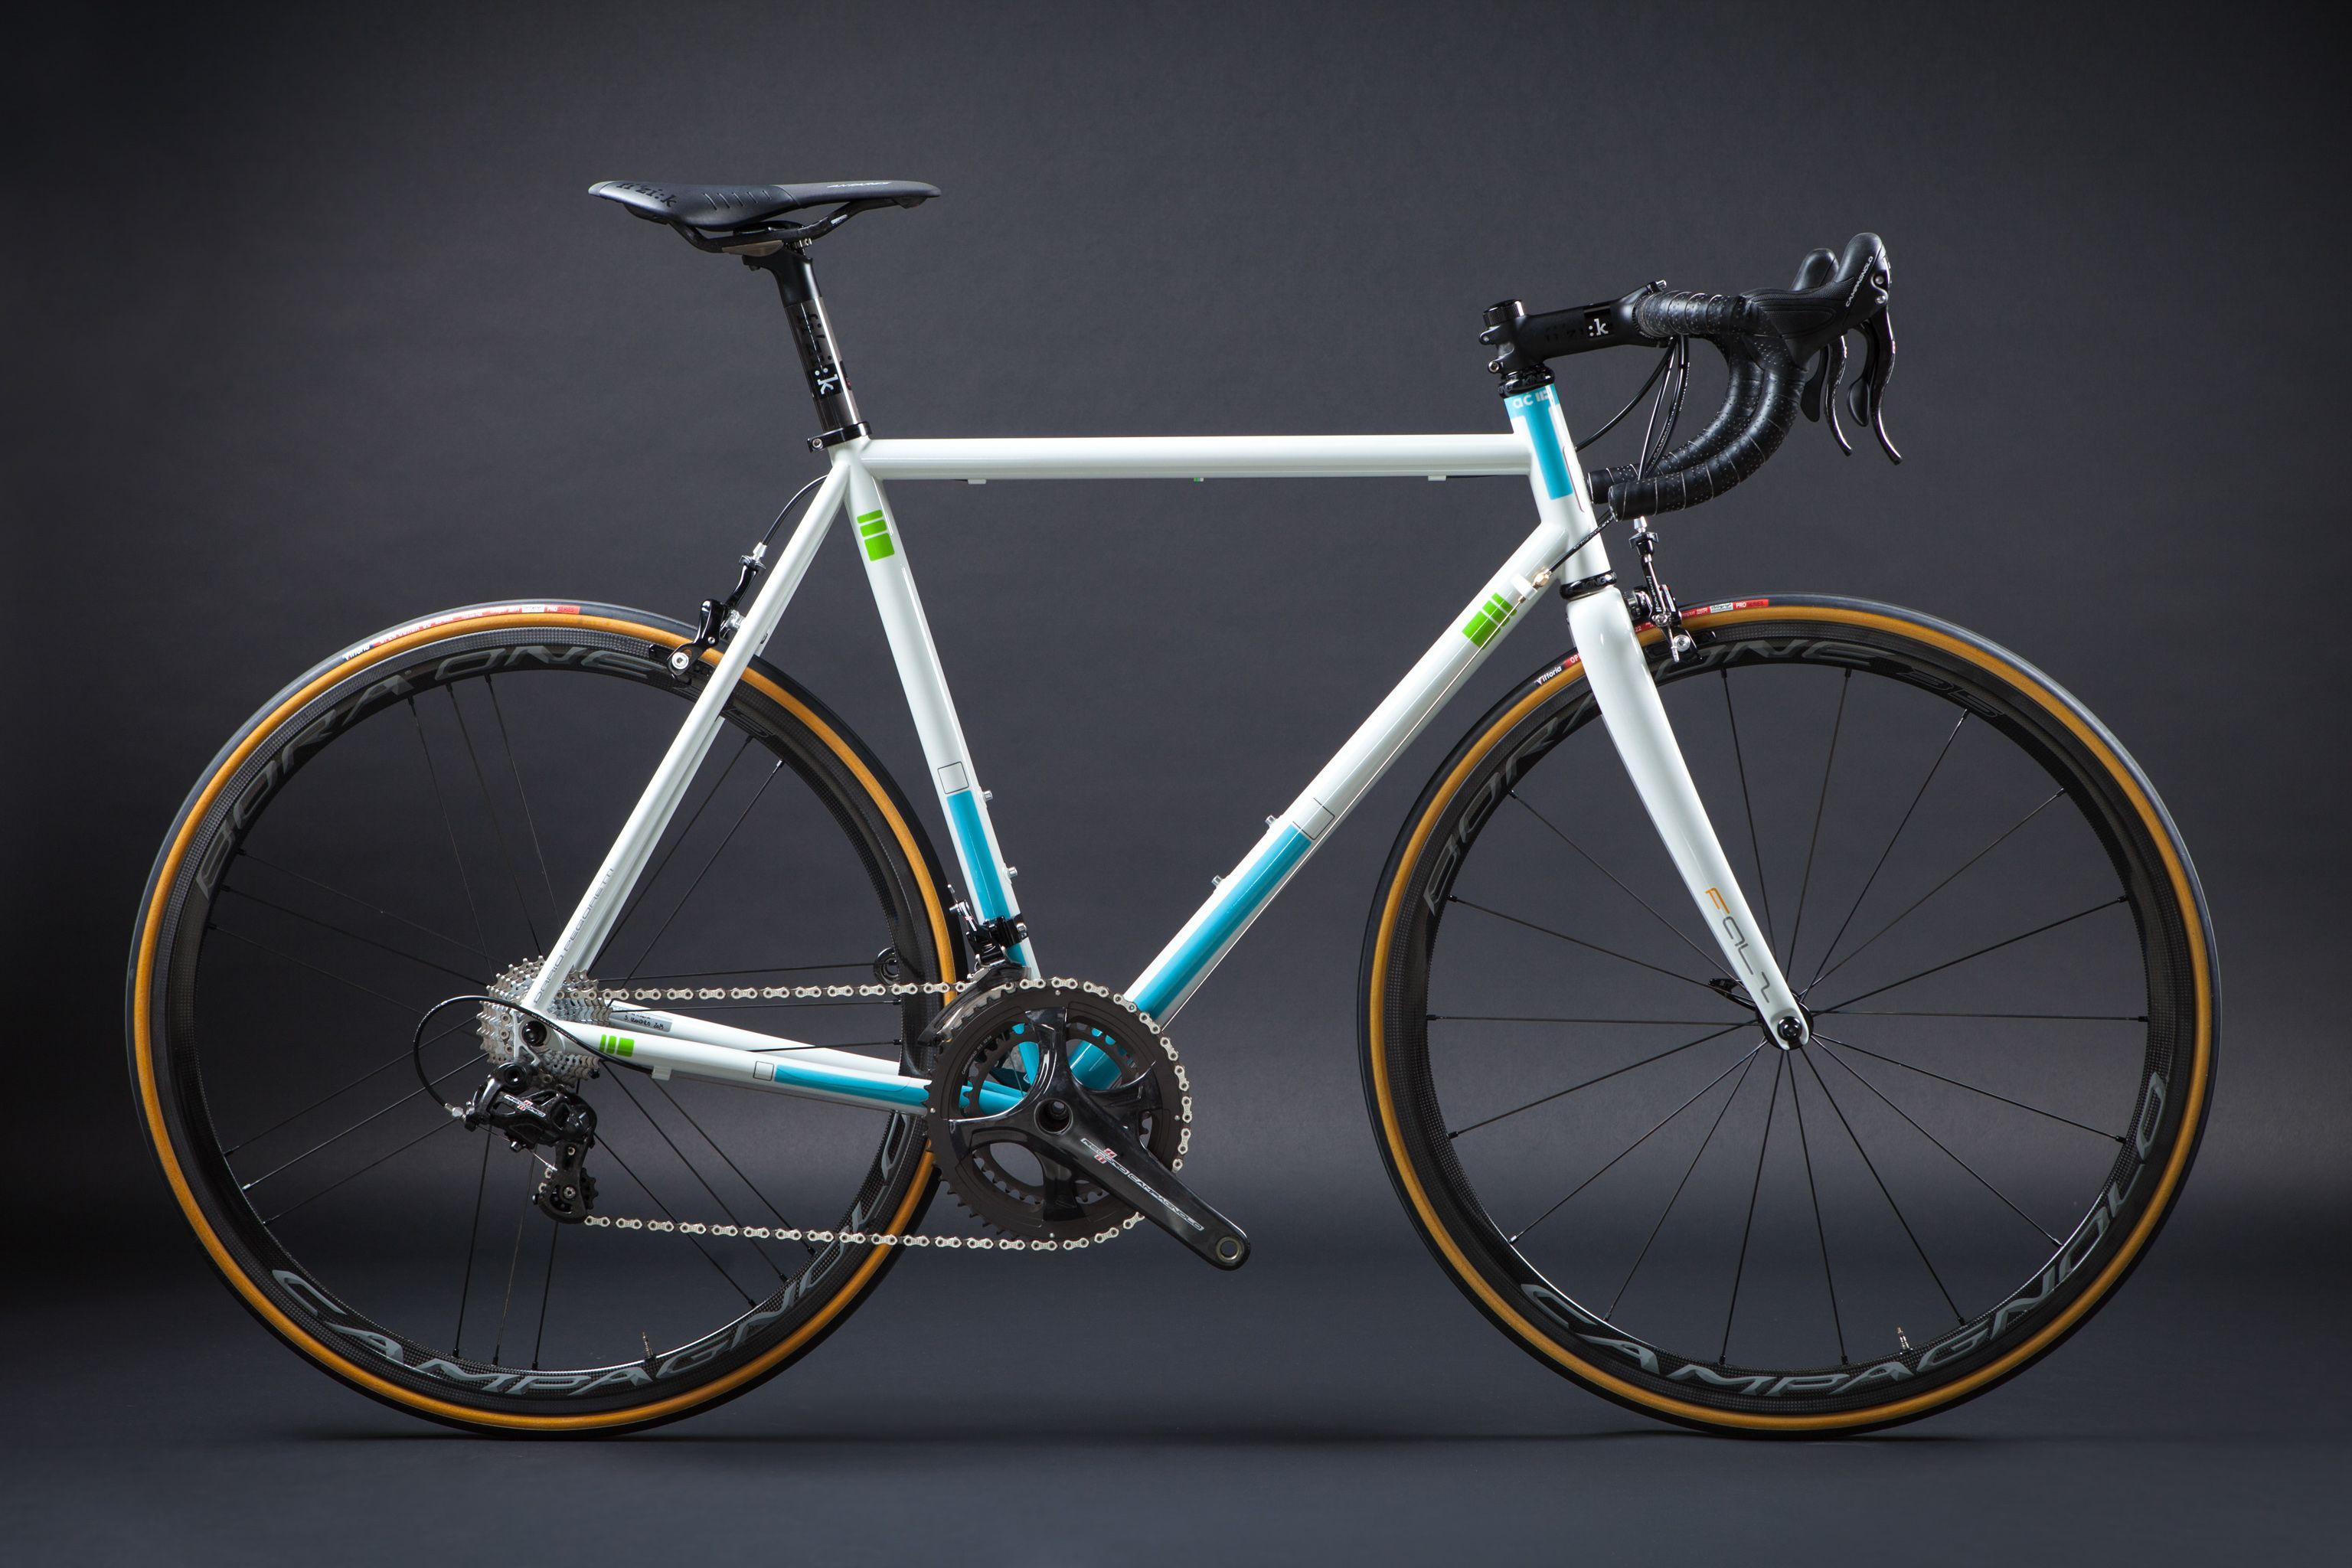 verschiedenes Design 50% Preis Schlussverkauf resizeforweb- | ALL THINGS CYCLING!!! | Fahrrad